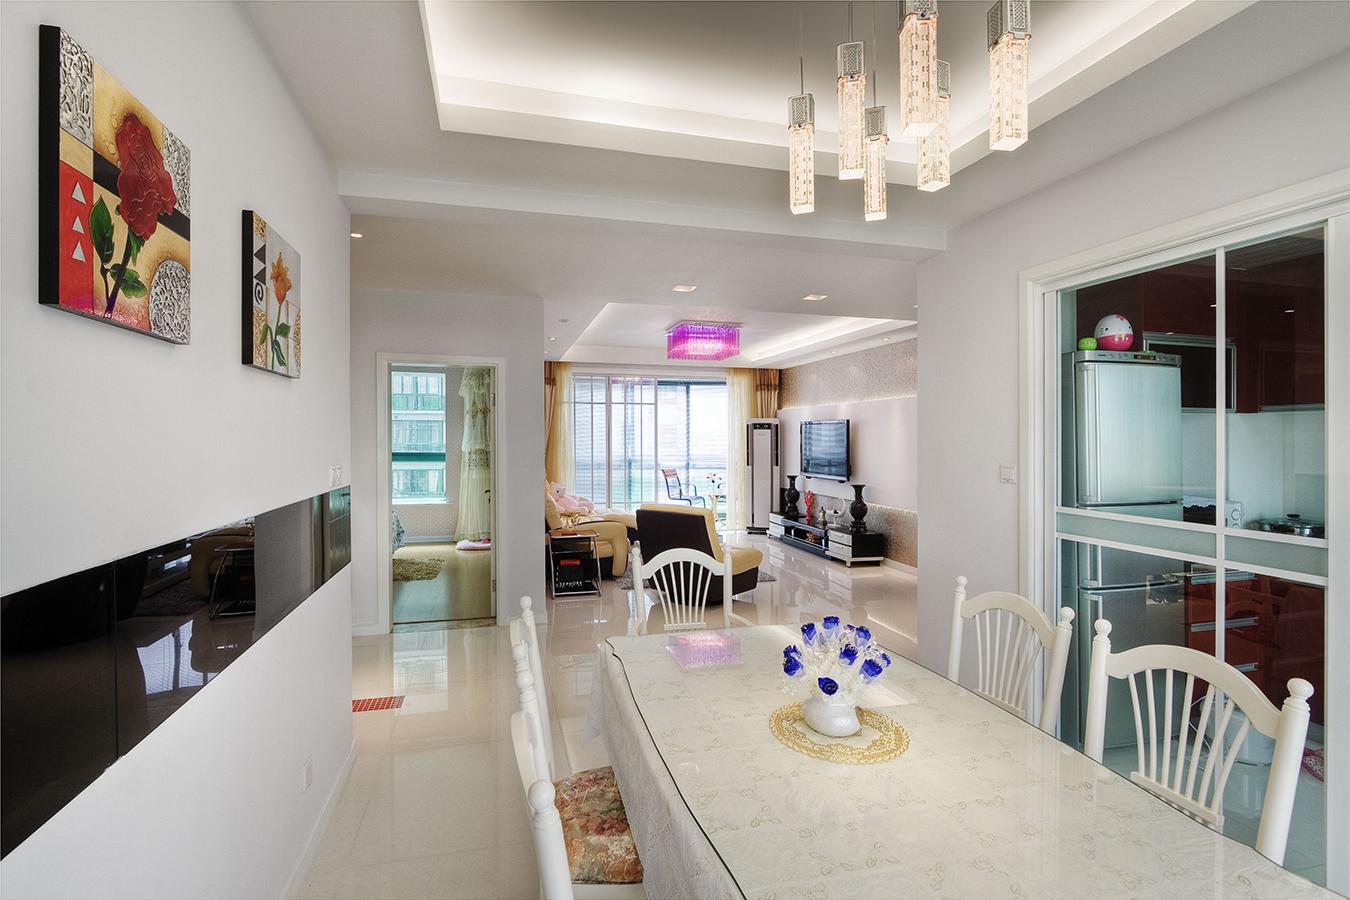 以简约的表现形式来满意大家对空间环境那种理性的、天性的和理性的需要,这即是现代简约特性。现代精约特性着重少即是多,放弃不必要的装饰元素,追求时髦和现代的简约外型、愉悦色彩。与传统特性比较,现代简约用最直白的装饰言语表现空间和家具营建的空气,进而赋予空间特性和安静